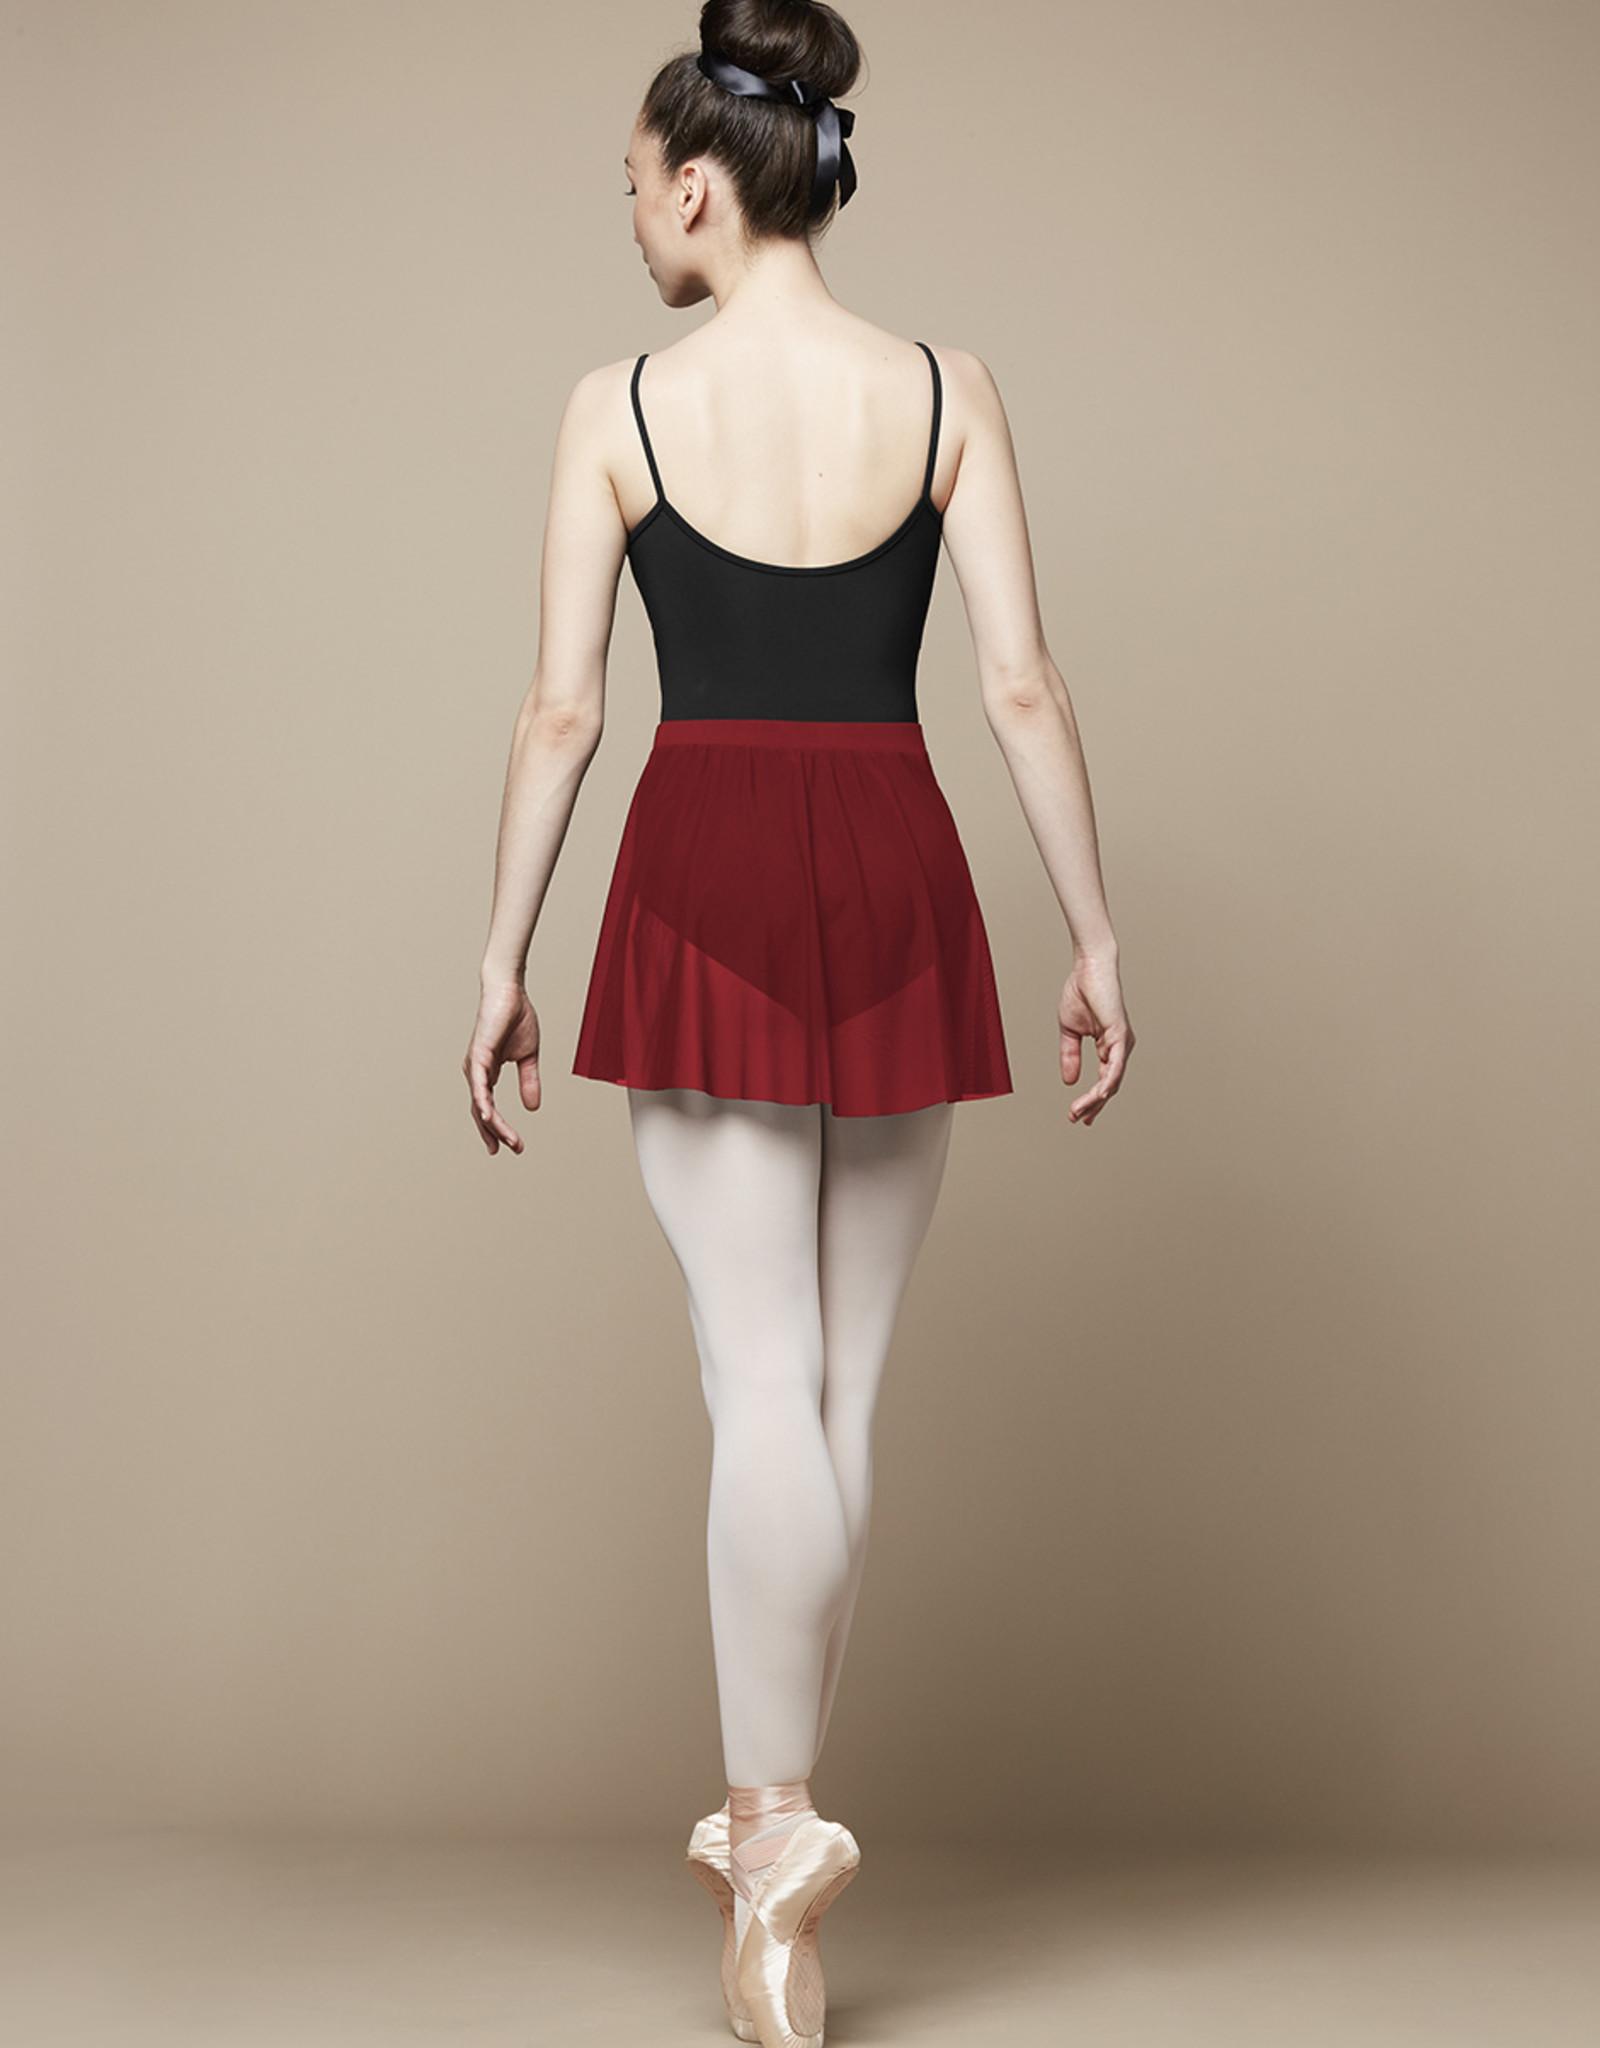 Bloch Bloch Placement Flock Wrap Skirt - R9811